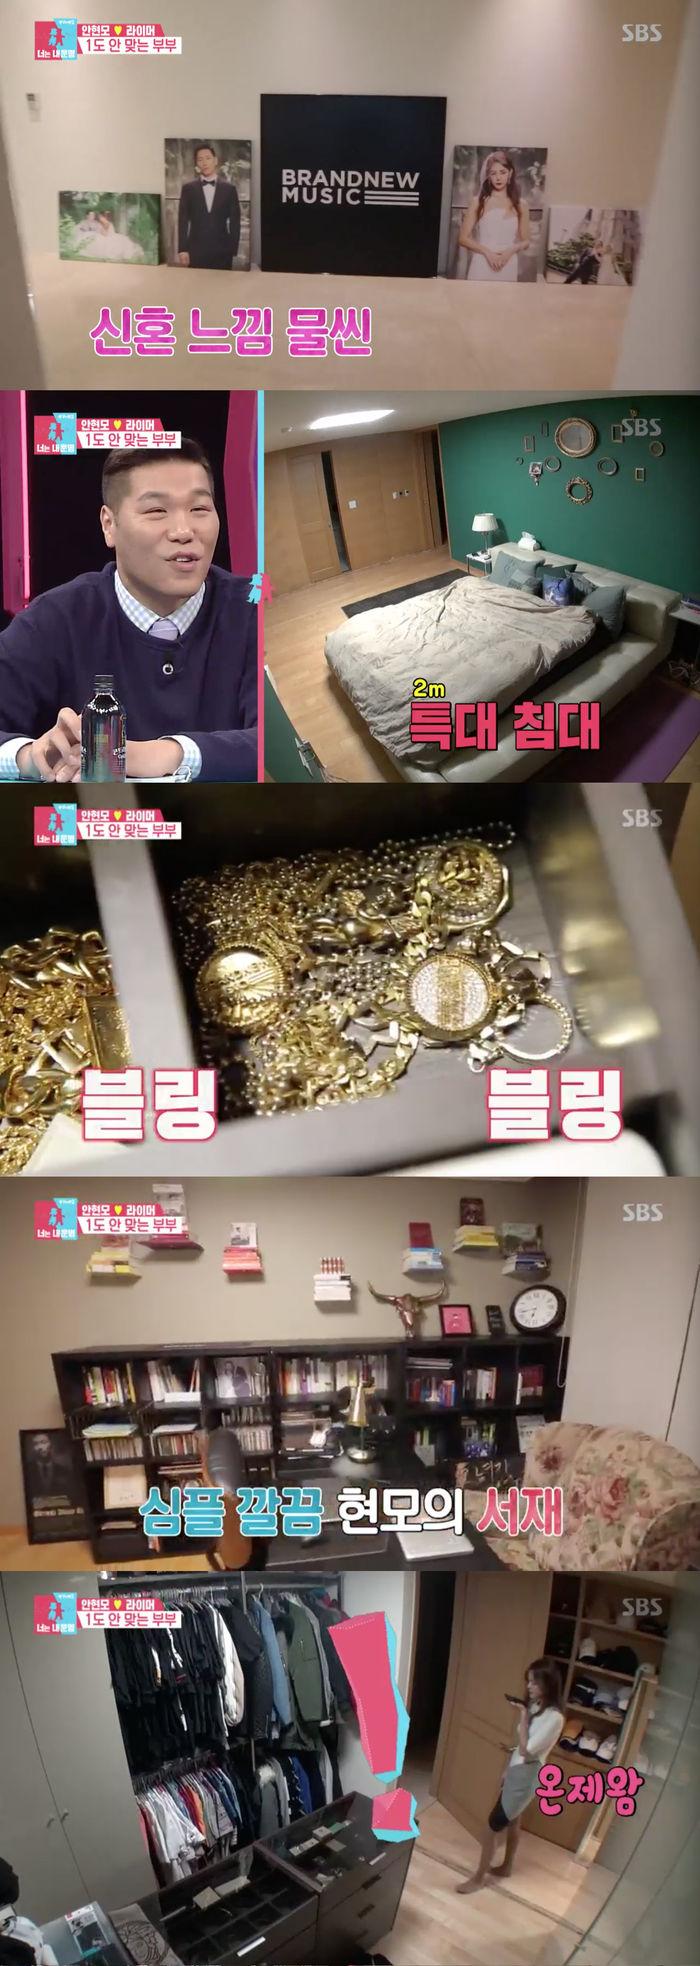 '동상이몽2' 안현모♥라이머, 신혼집 공개…2 미터 침대부터 블링블링 드레스룸 '눈길'